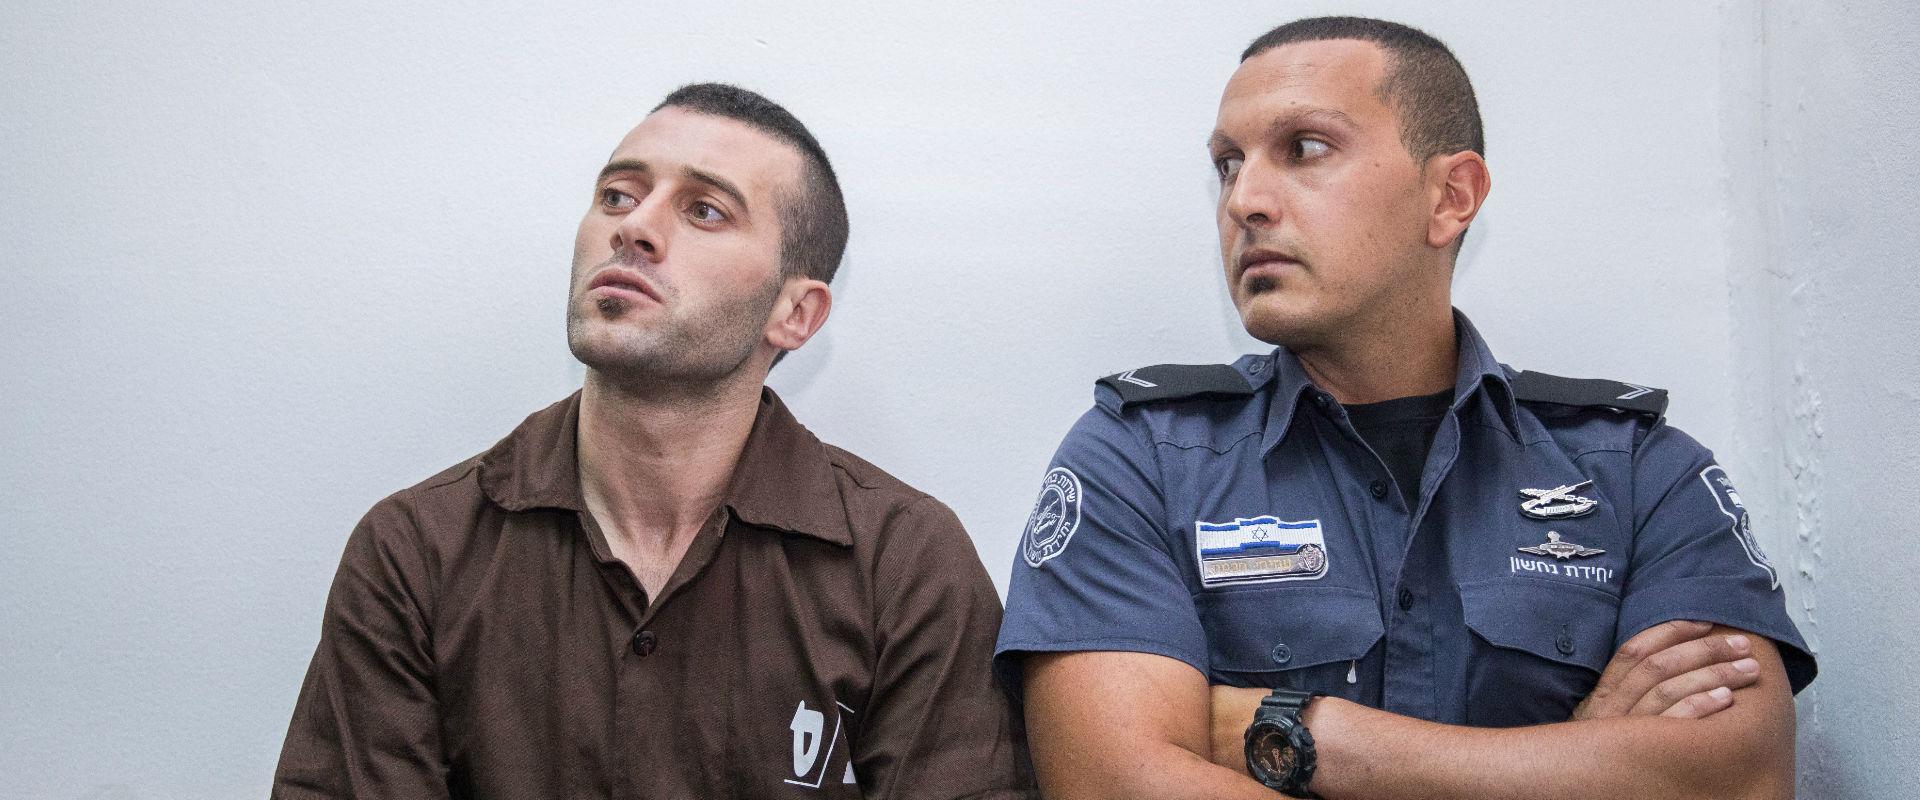 הנאשם ברצח, מוחמד חארוף, בבית המשפט